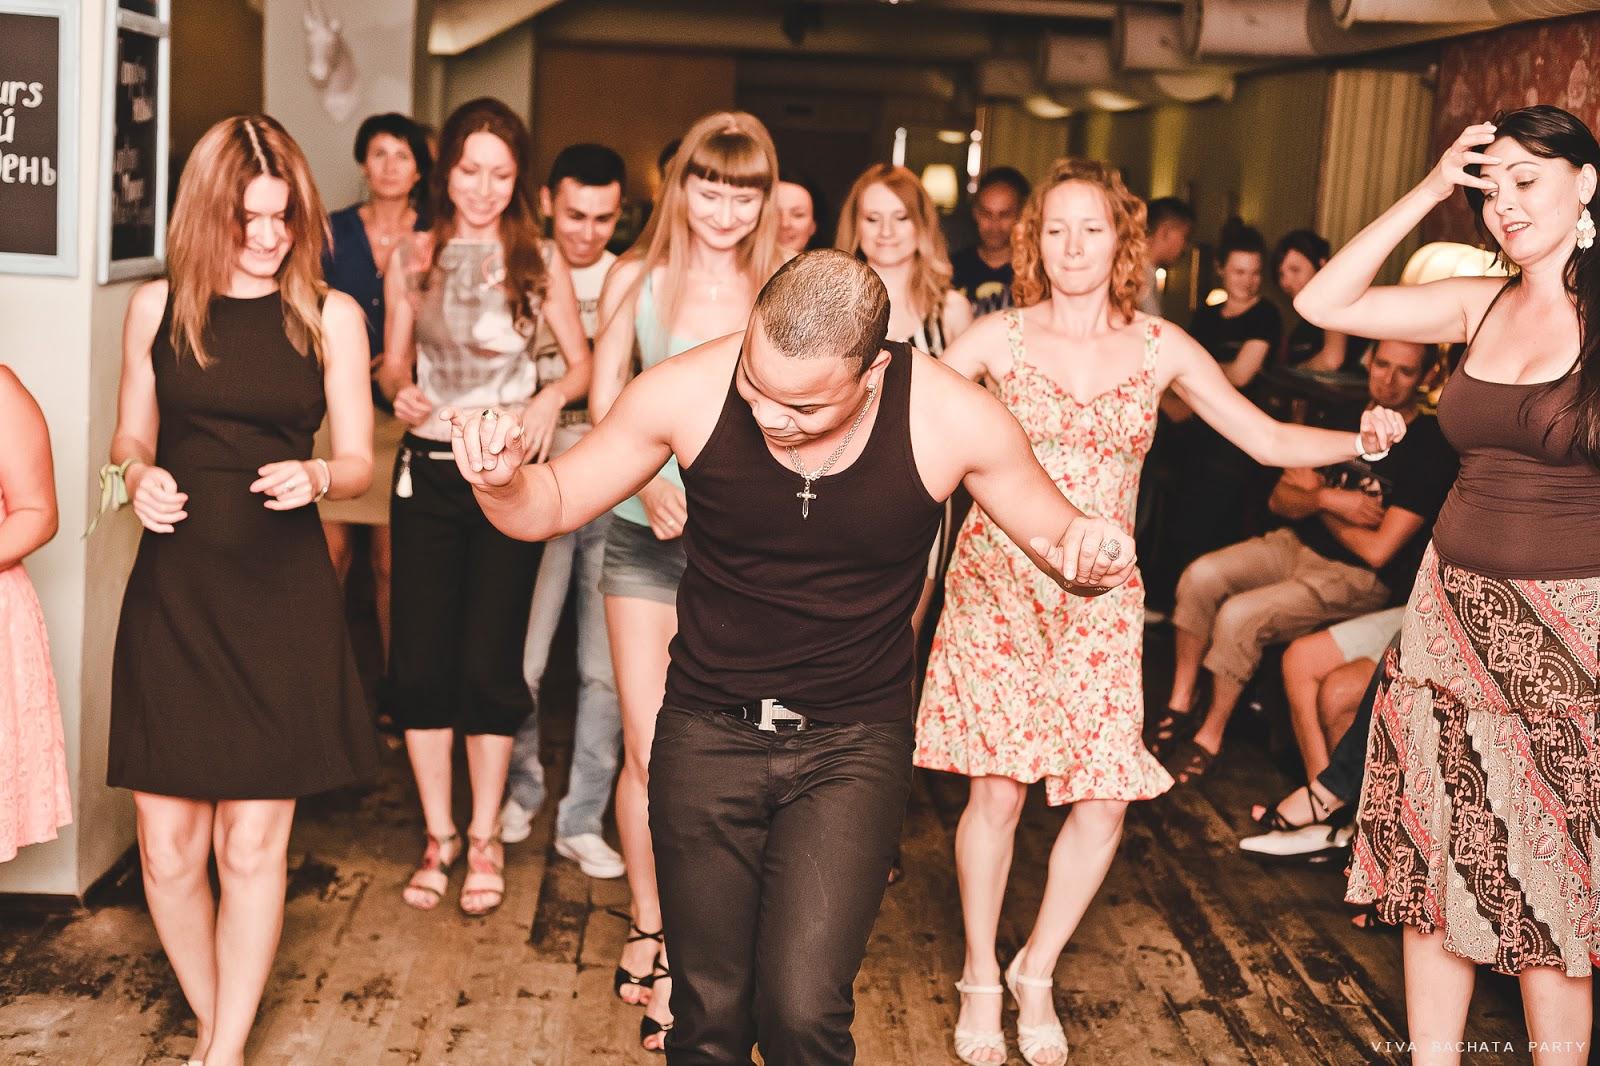 Танцует перед парнем 6 фотография